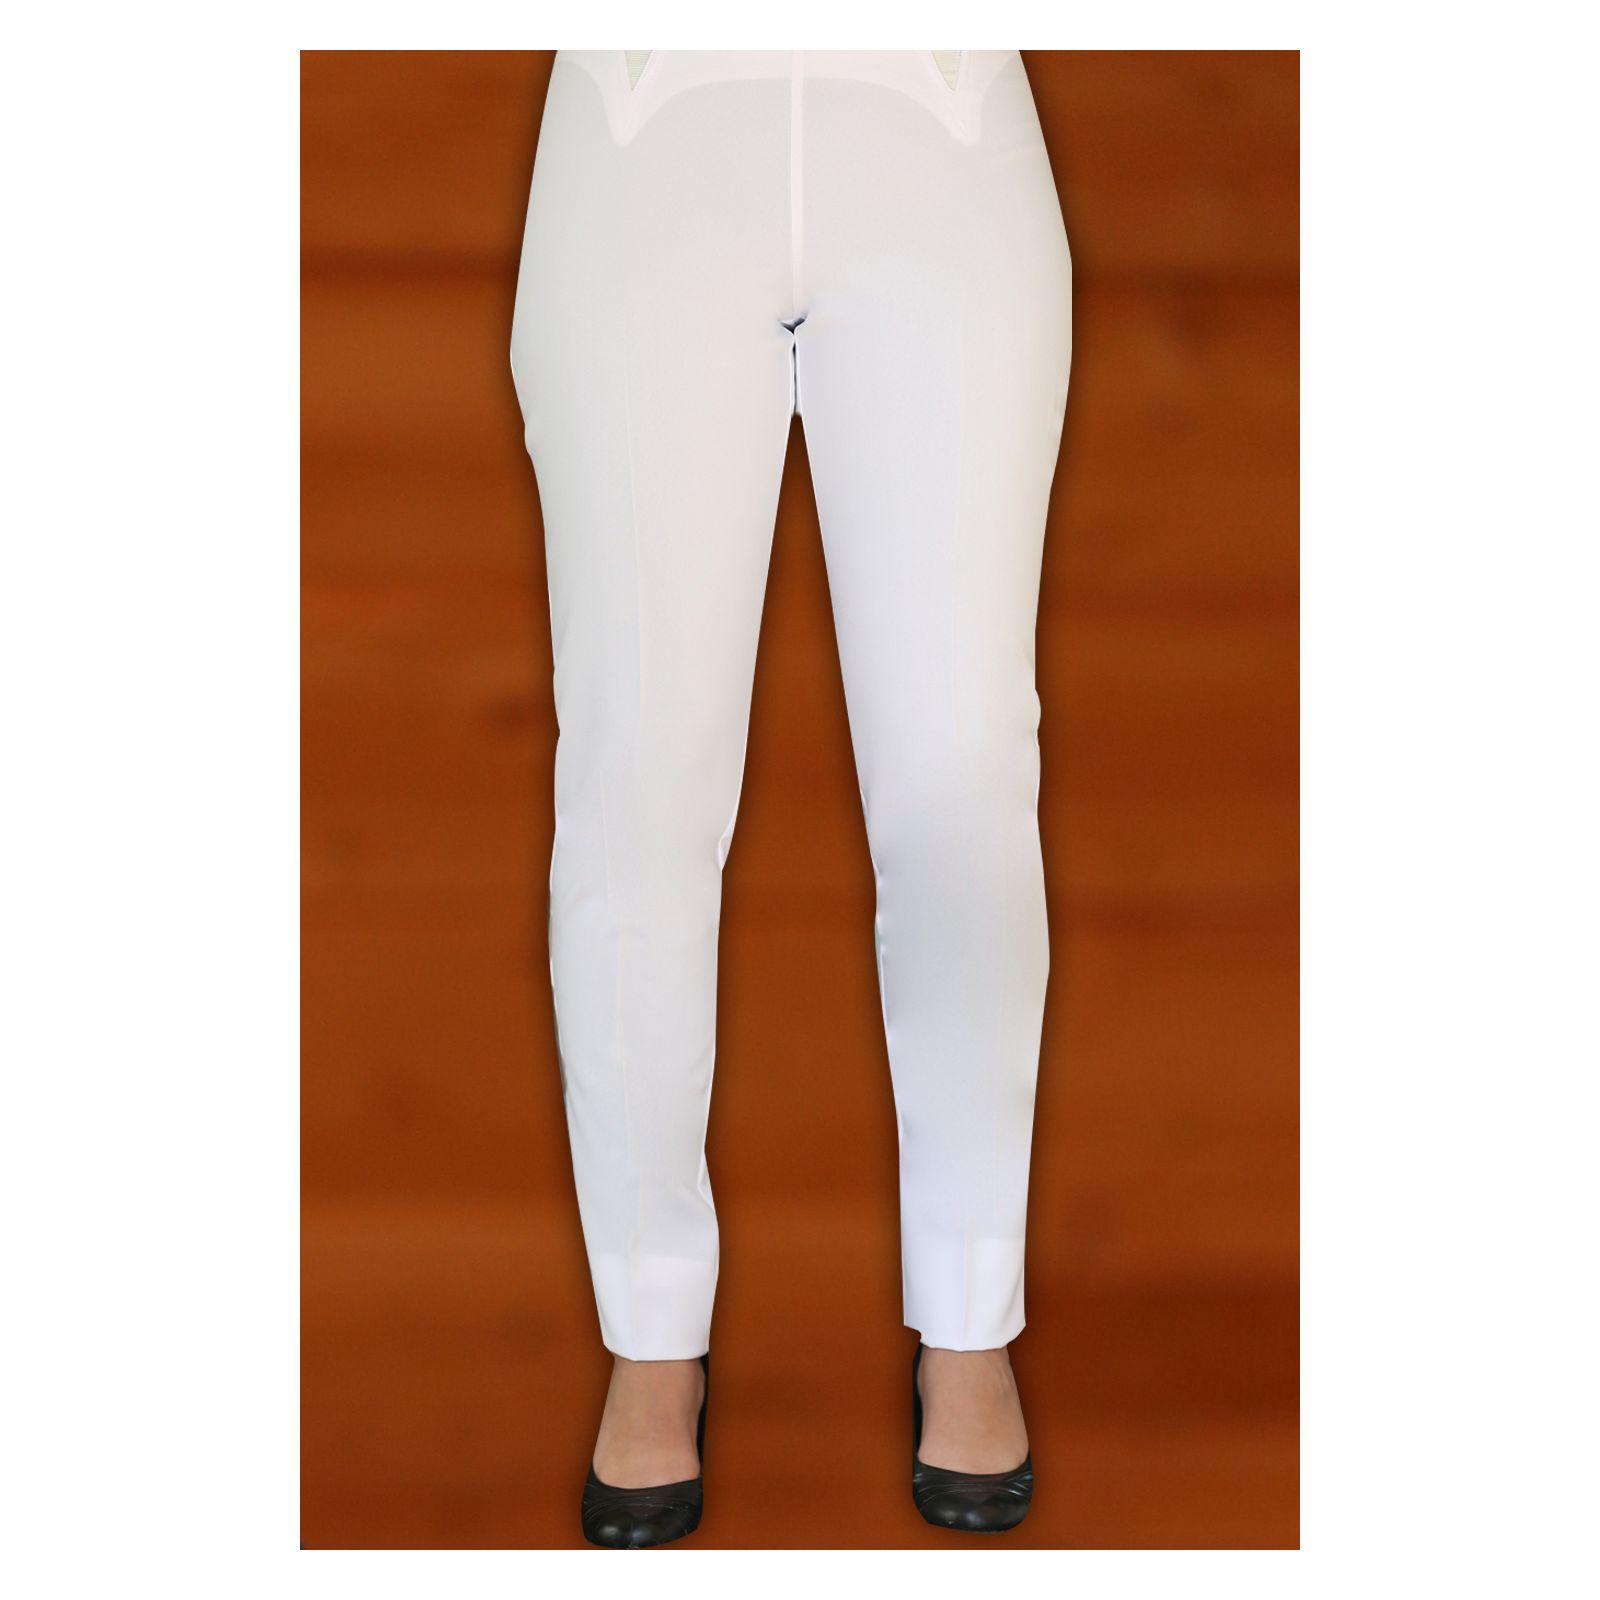 Pantalon médical femme, Les Secrets du Style (350)